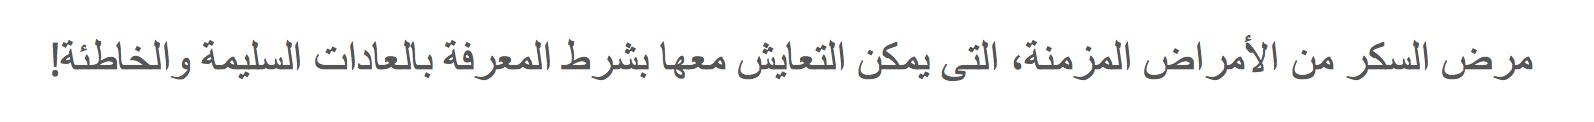 arabic-text-2